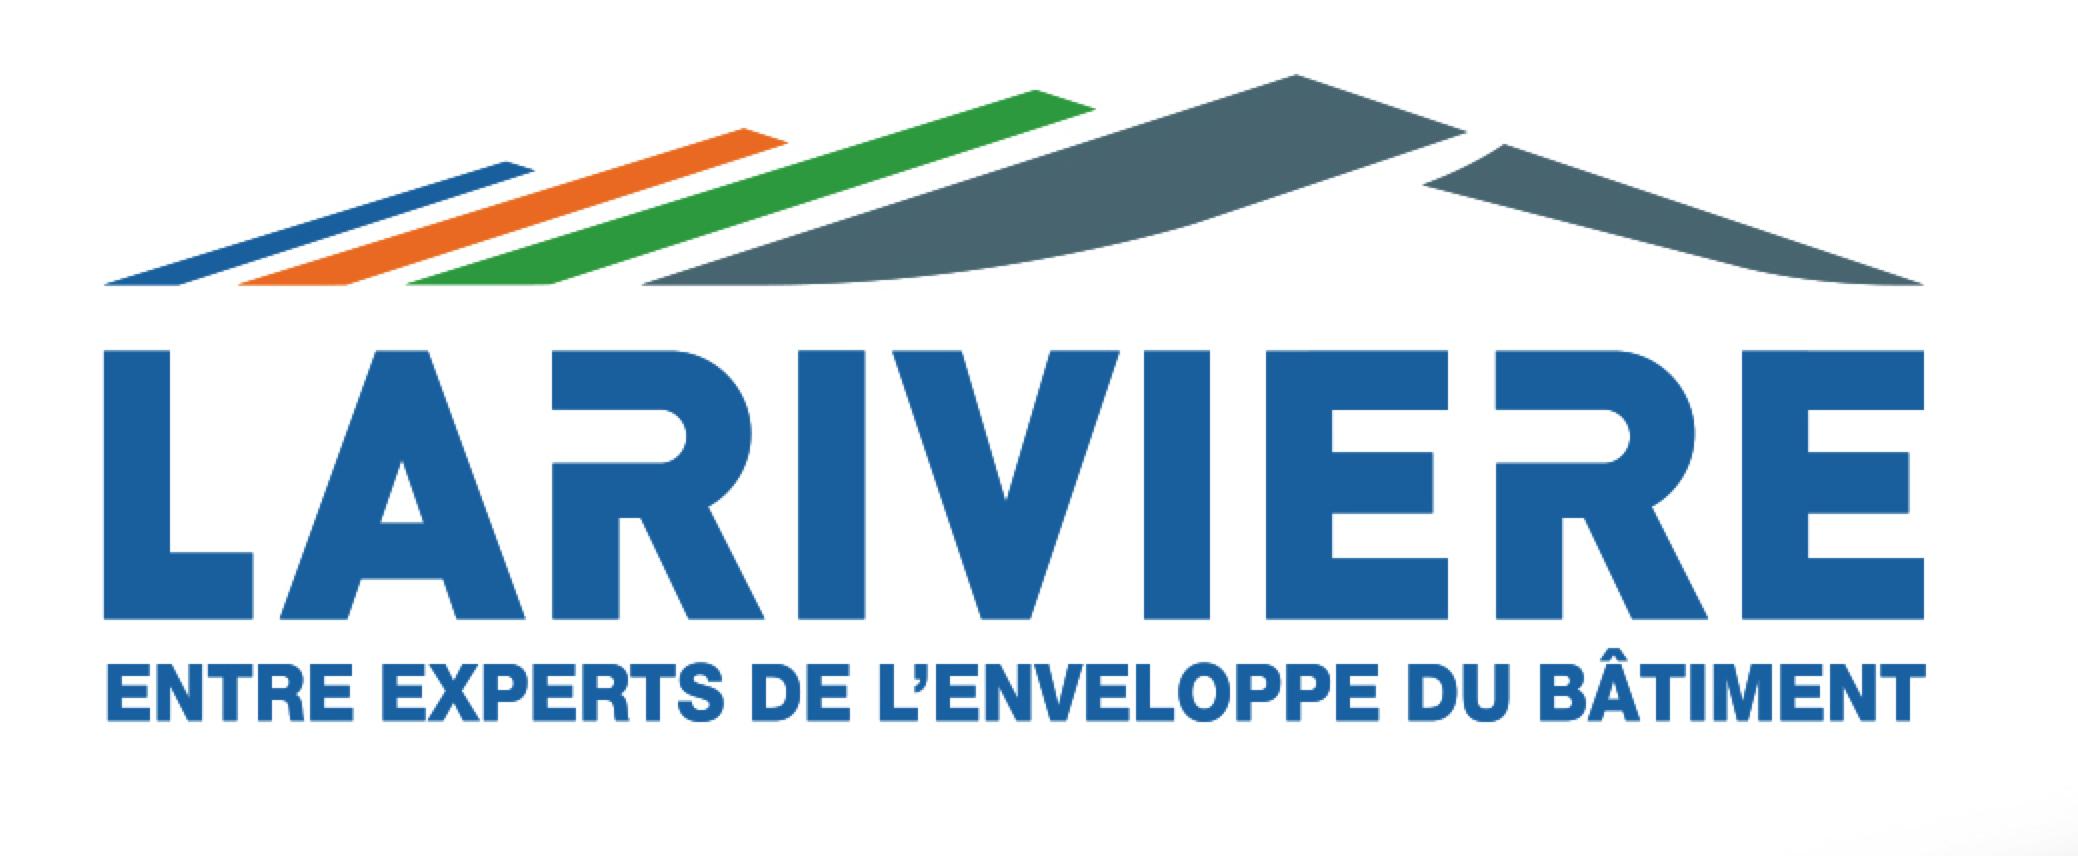 Lariviere choisit E-DEAL CRM